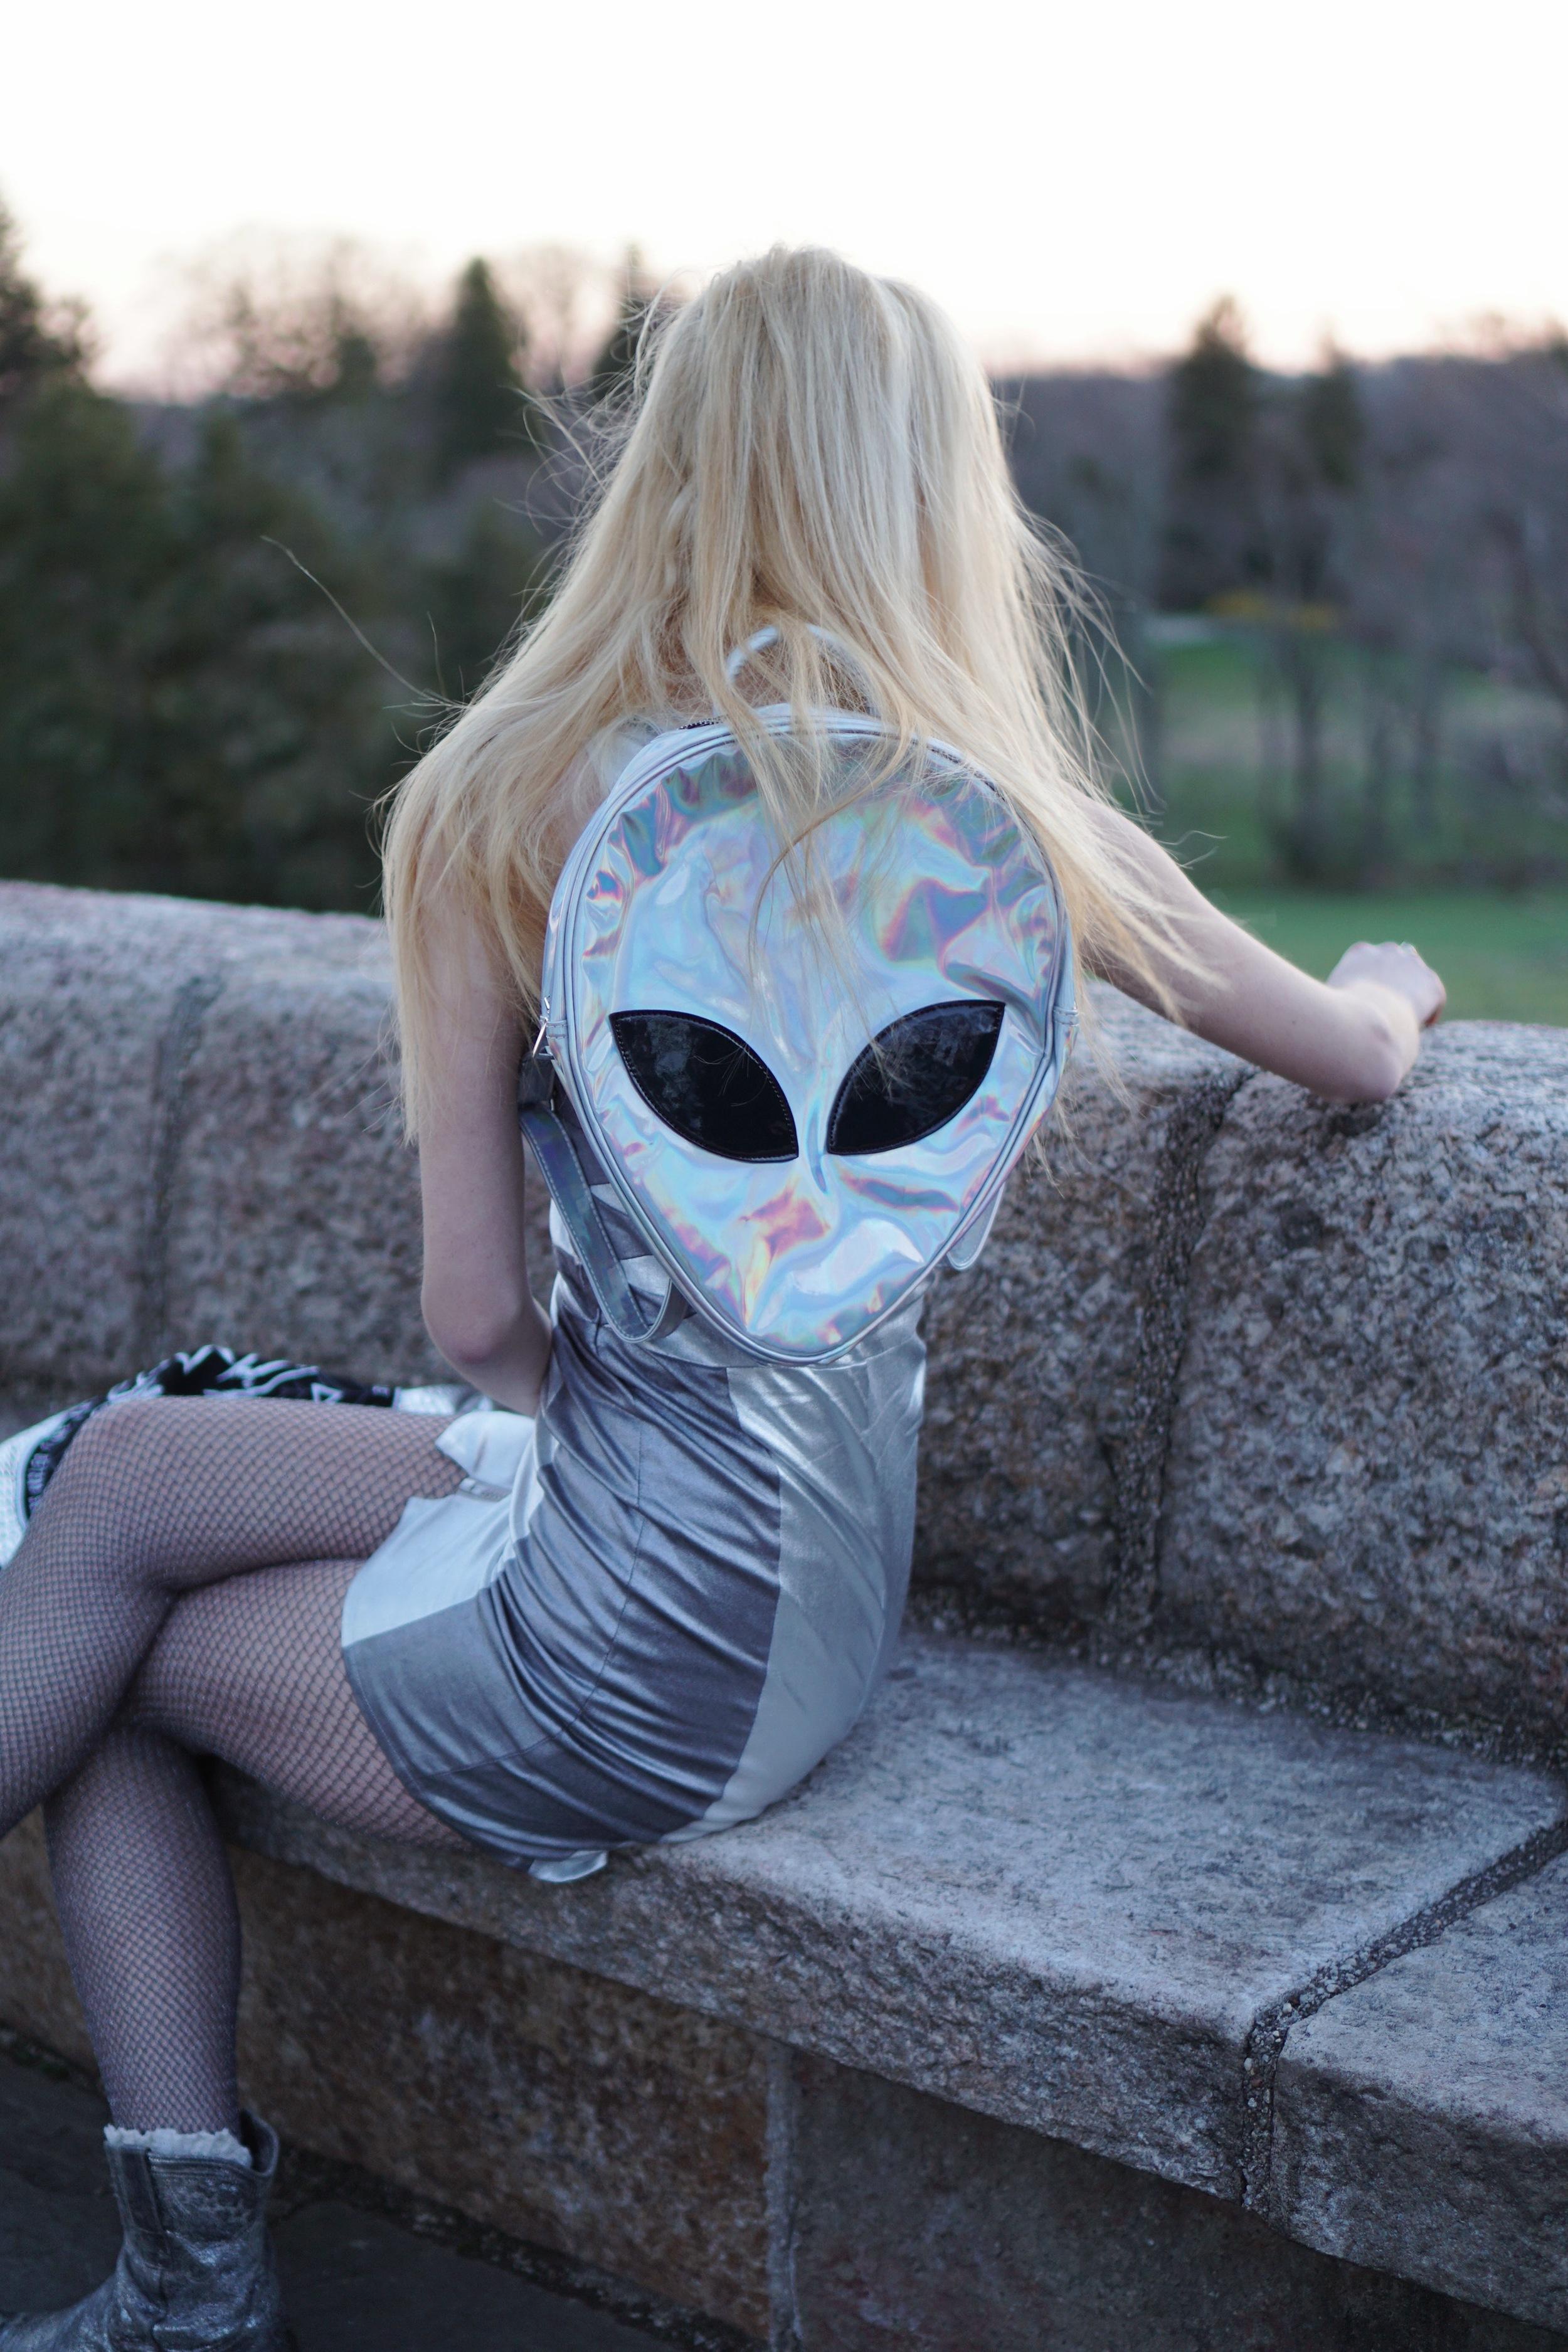 dress:   disturbia   | bomber jacket:   disturbia   | holographic backpack:   disturbia   | alien ring:   disturbia   | boots:  free people  | socks:   free people